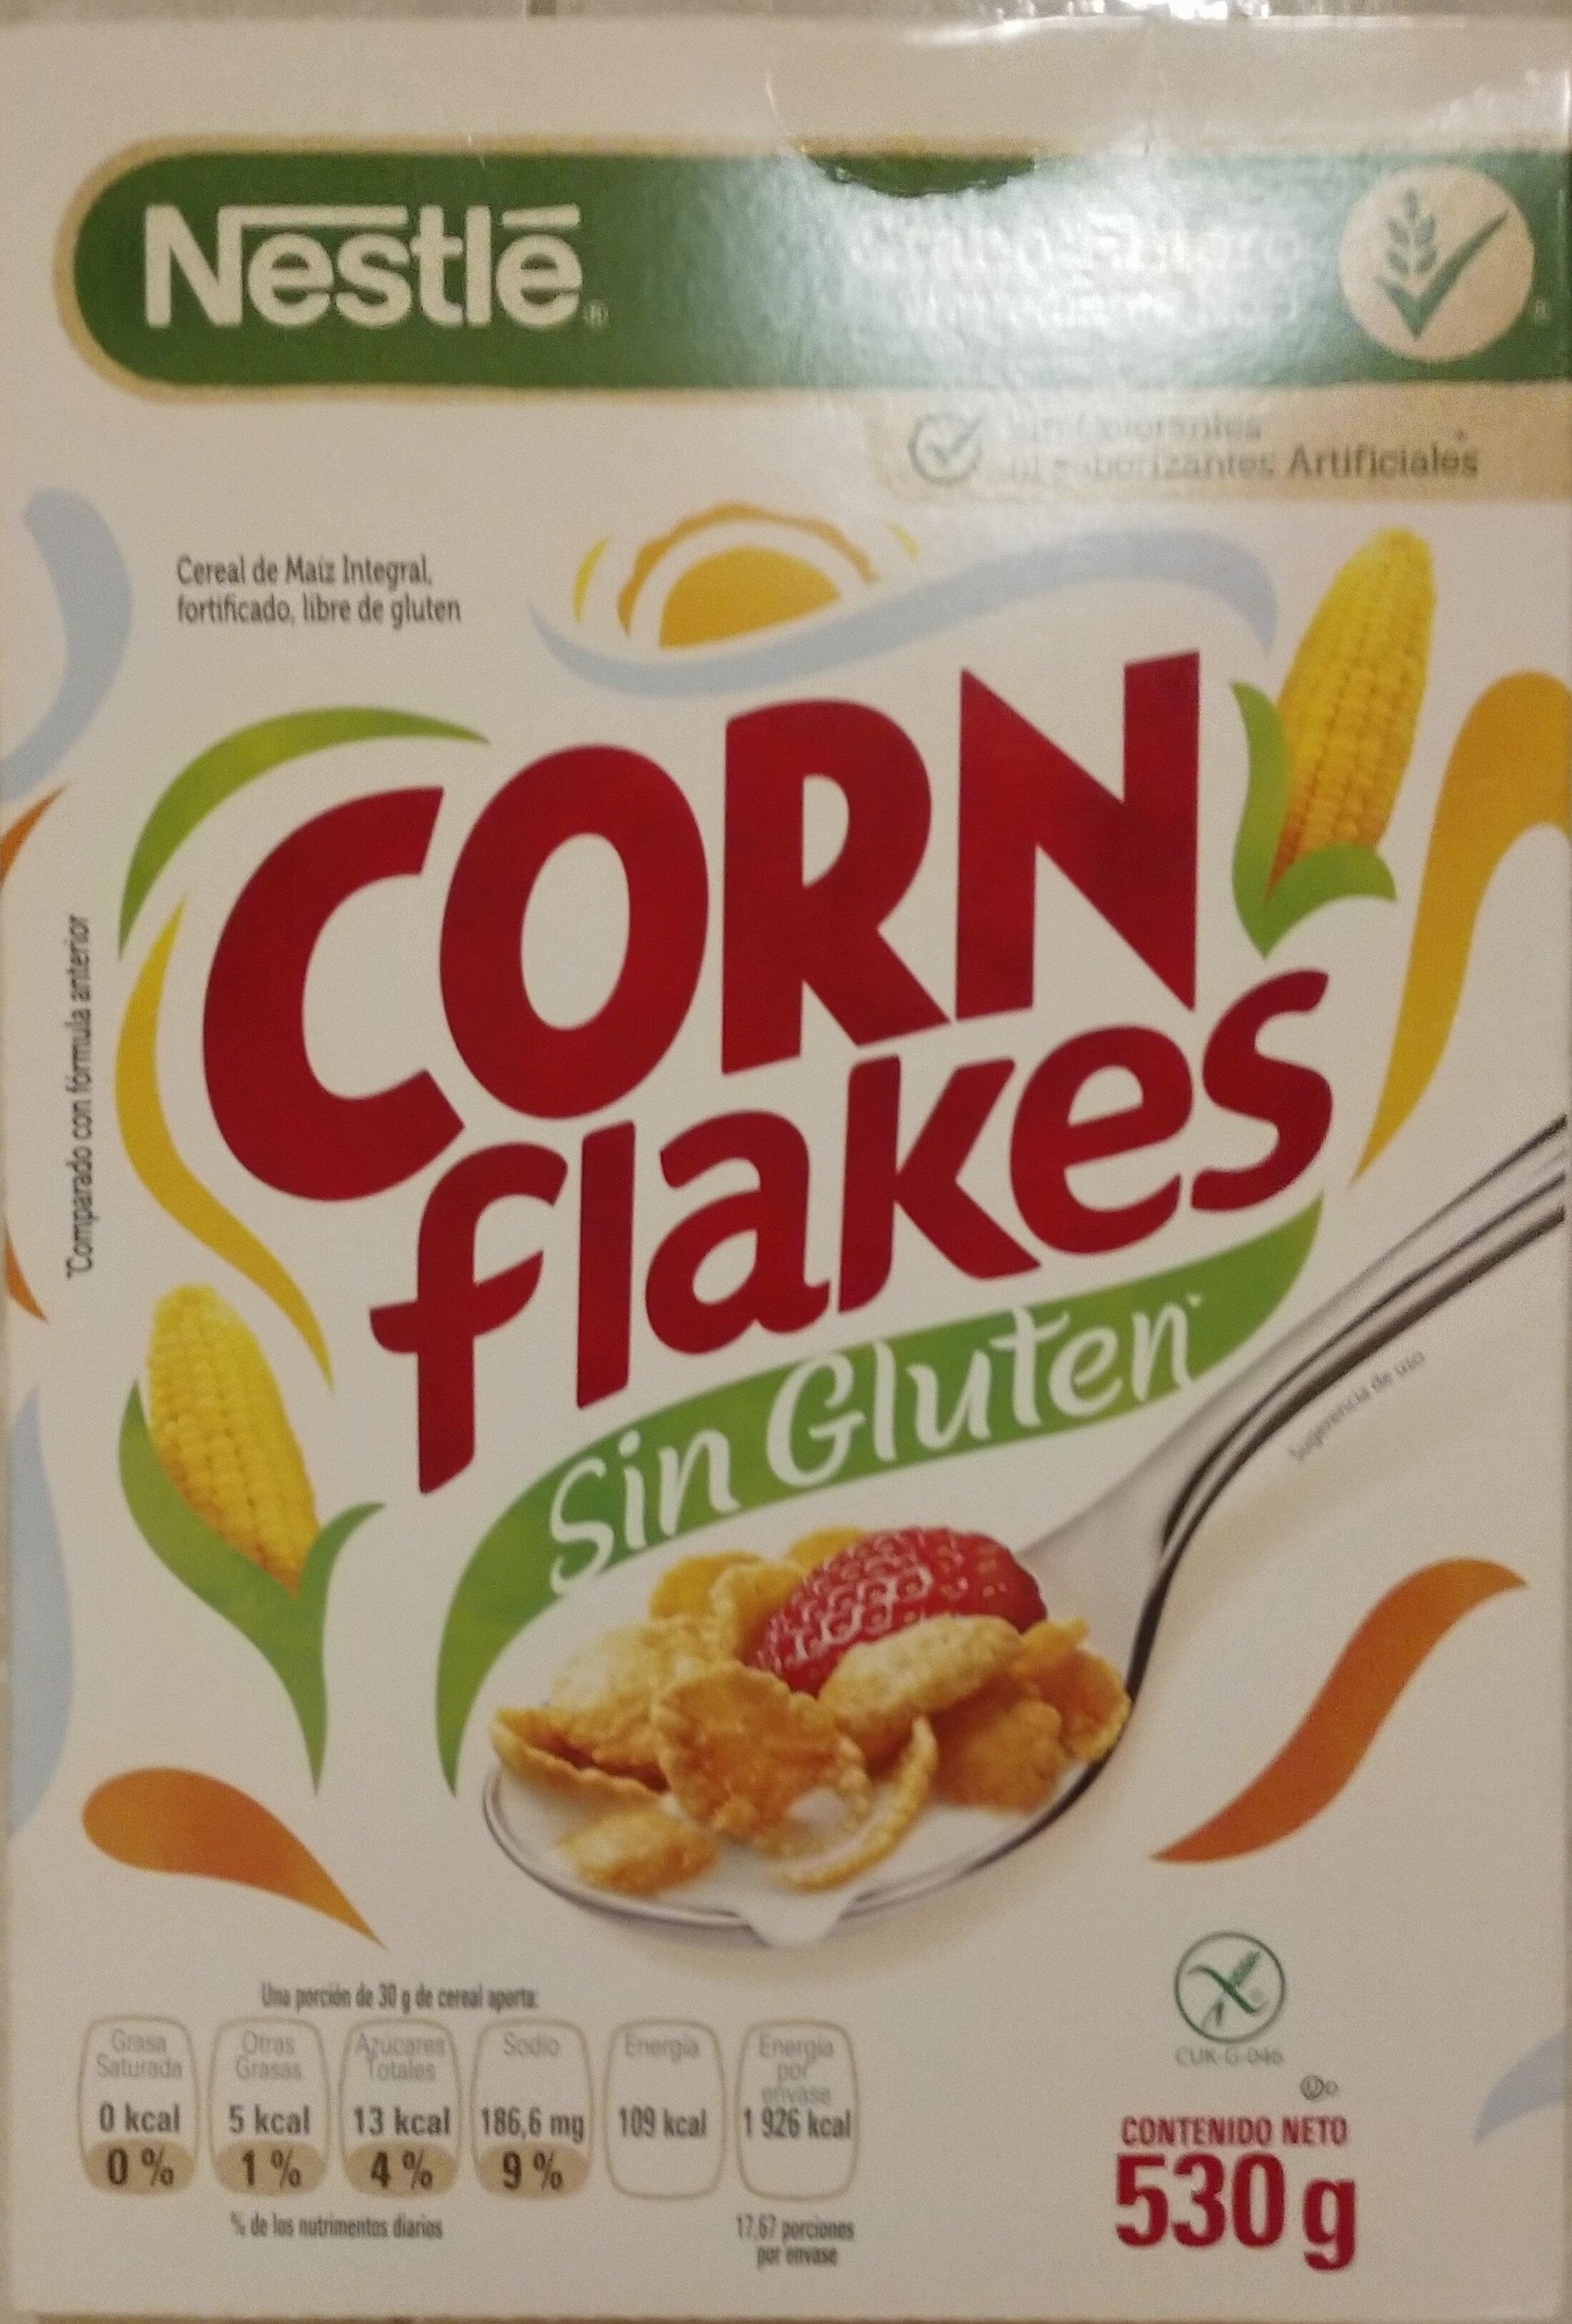 corn flakes - Producto - en